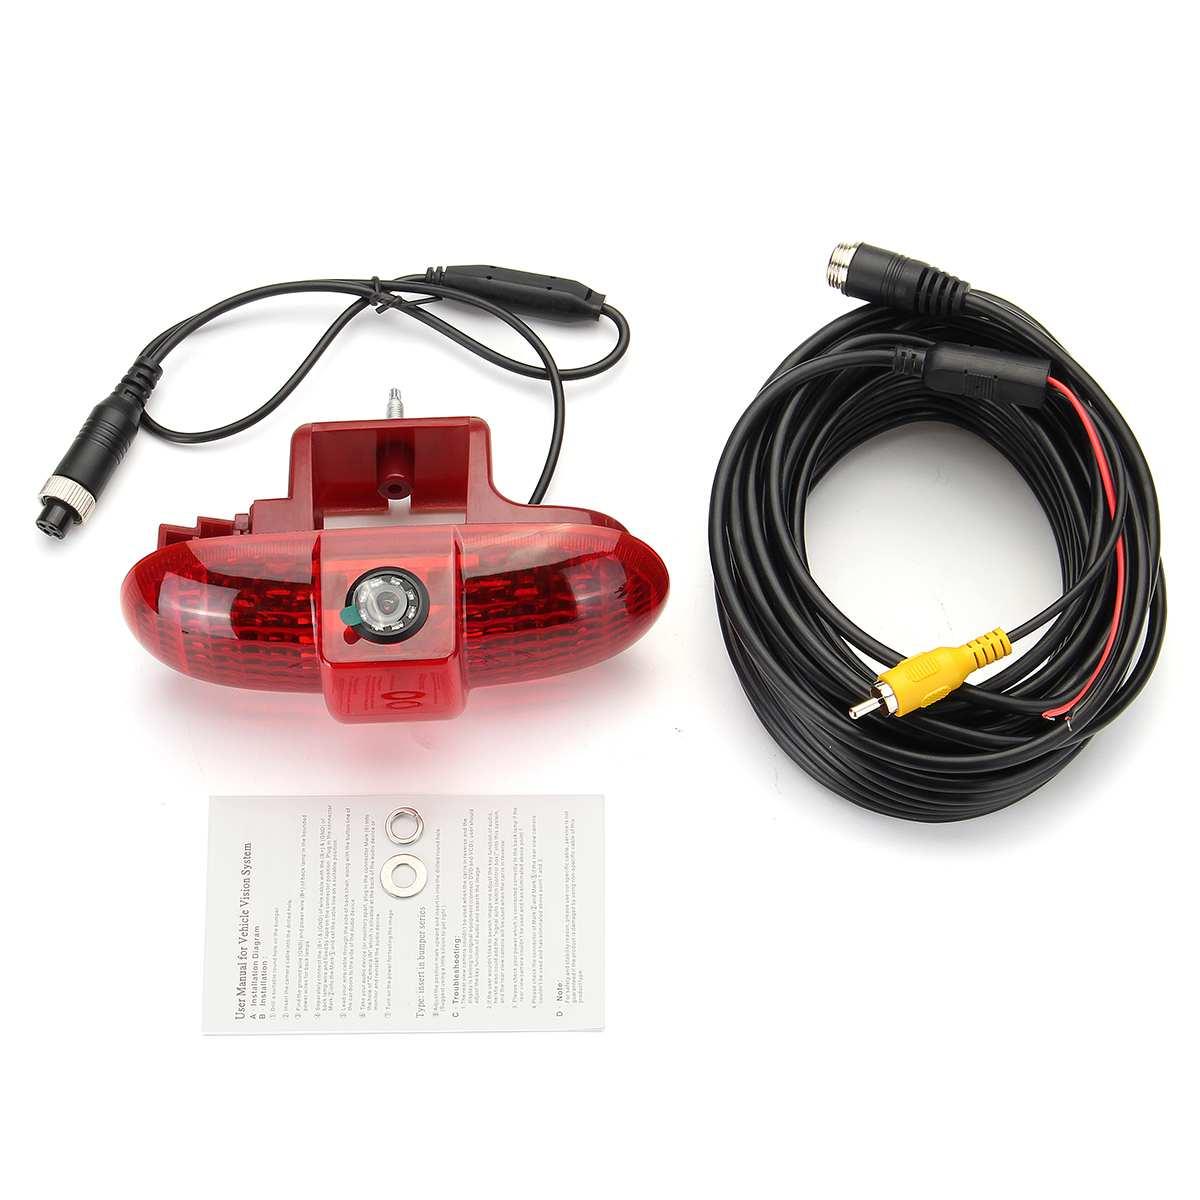 PAL автомобильный тормозной светодиодный светильник, лампа заднего вида, парковочная камера ночного видения, водонепроницаемая камера для Renault trafc 2001 2014